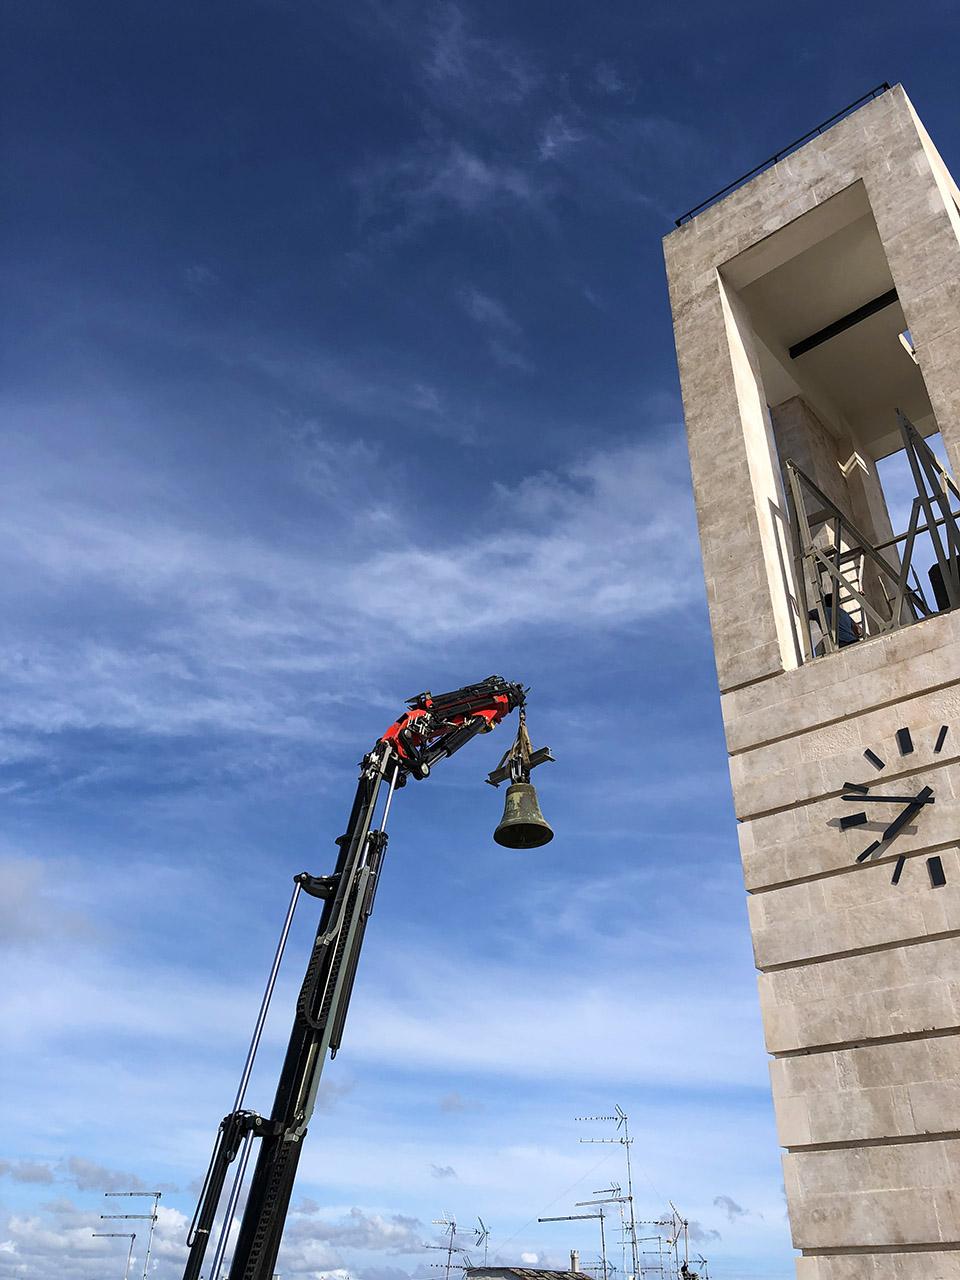 costruzioni restauri sirio ostuni campanile chiesa santuario santi medici cosma damiano ostuni img 2132 1